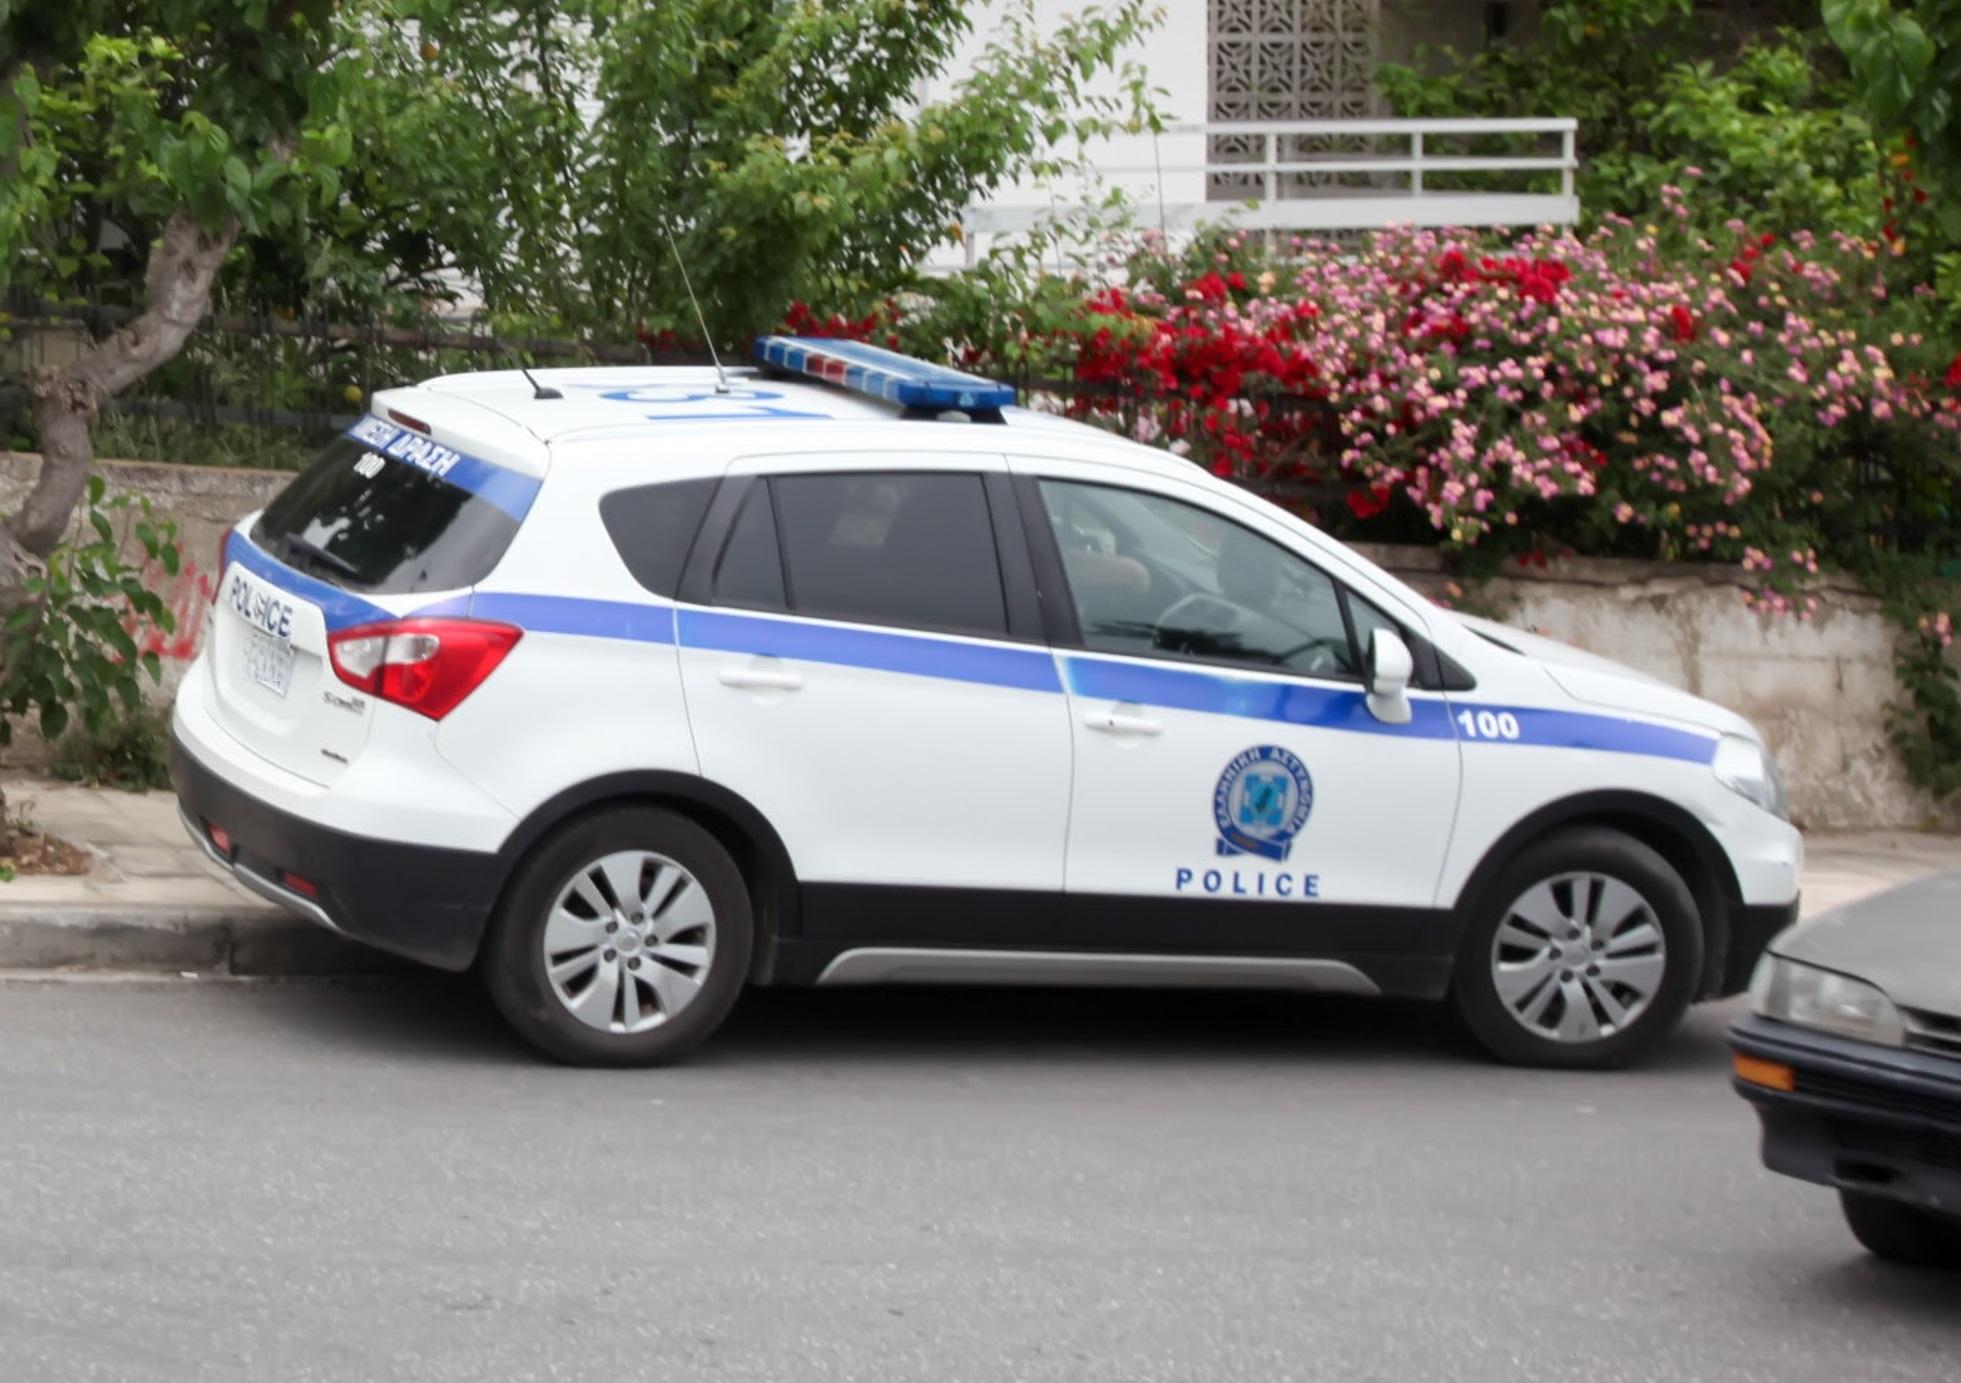 Θεσσαλονίκη: Δημοτικοί υπάλληλοι εντόπισαν στρατιωτική χειροβομβίδα στο Σοχό